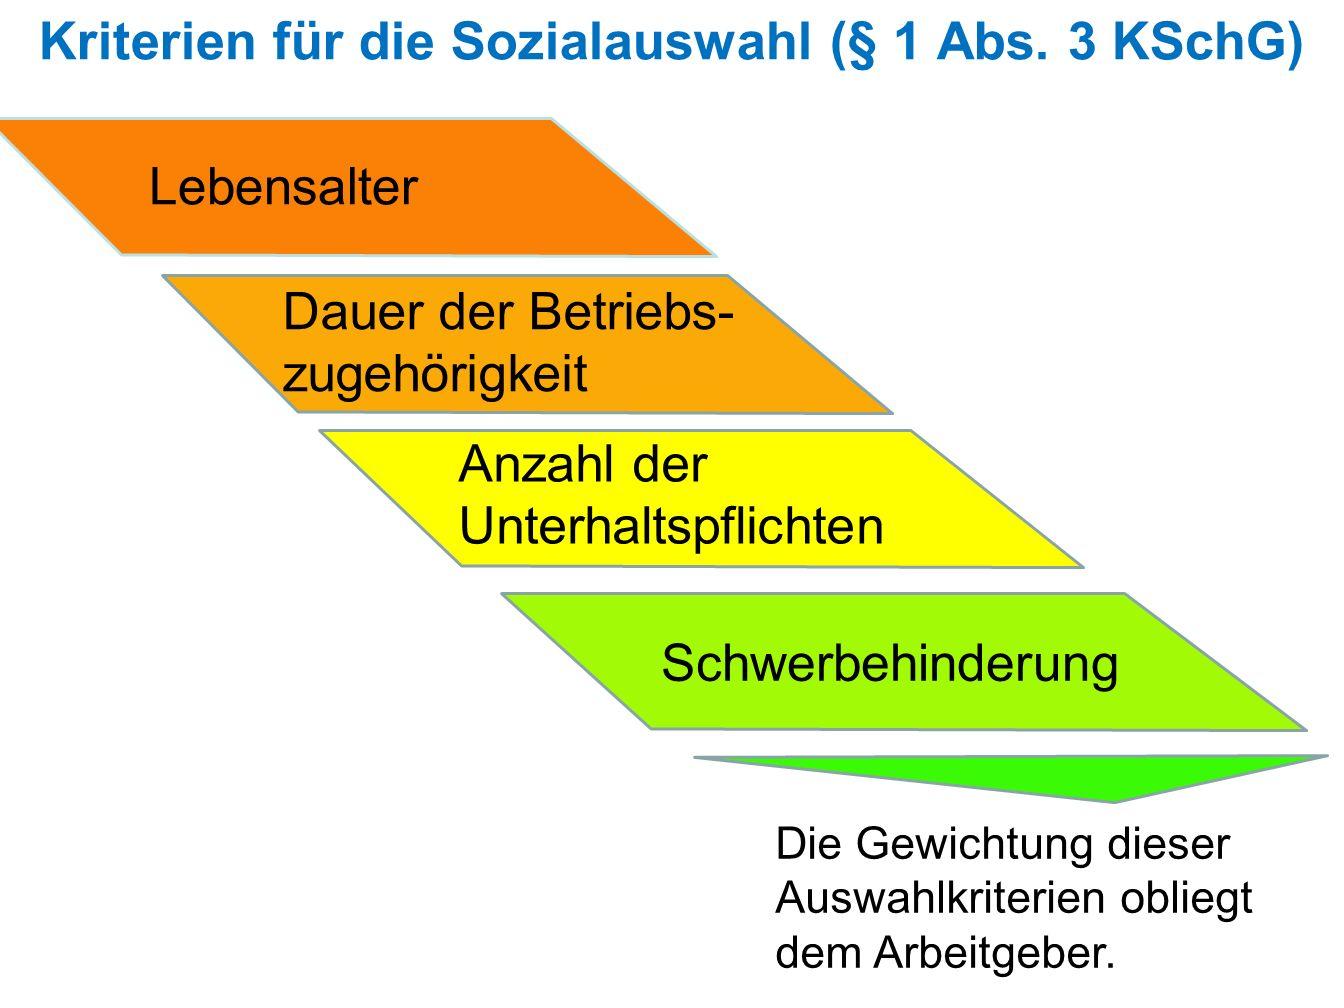 Kriterien für die Sozialauswahl (§ 1 Abs. 3 KSchG) Lebensalter Dauer der Betriebs- zugehörigkeit Anzahl der Unterhaltspflichten Schwerbehinderung Die